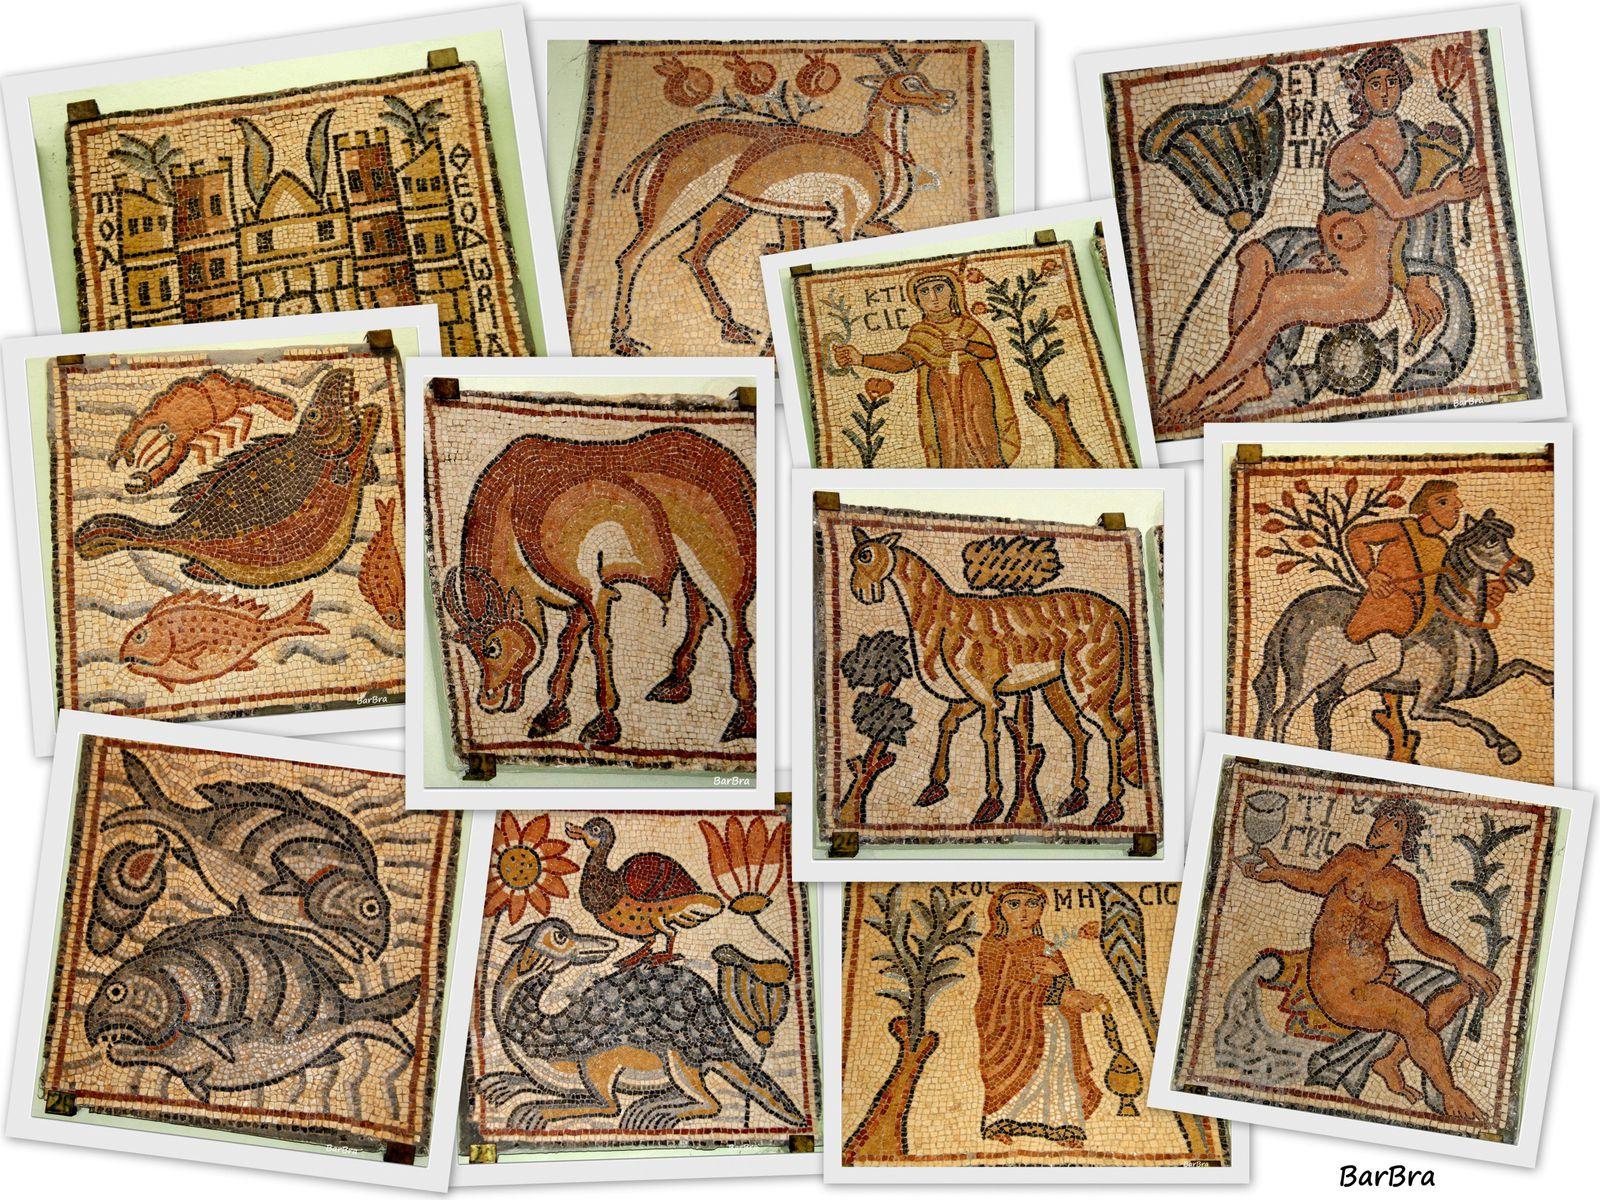 e qui ammirare i 50 pannelli musivi del pavimento, opera di artisti del VI secolo d.C. ...  costantinopolitani o alessandrini